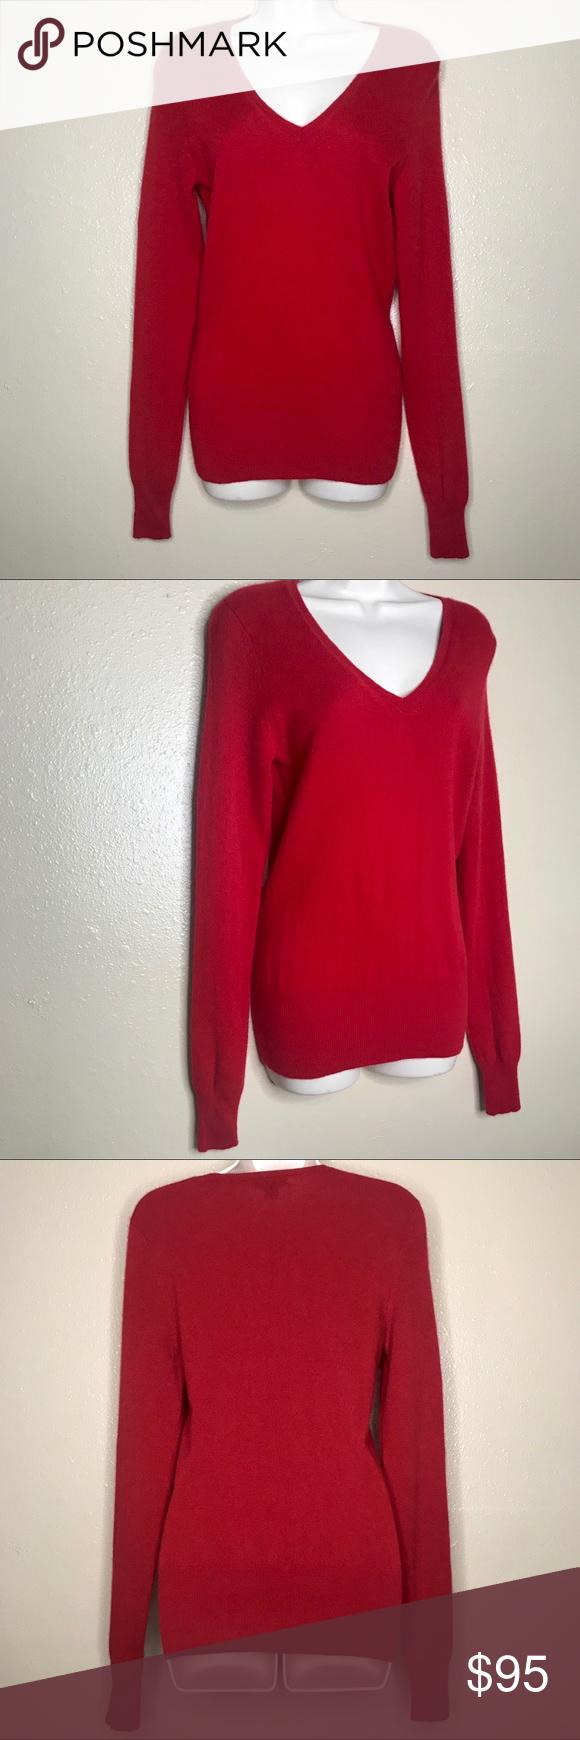 ADAGIO CASHMERE & SEIDE Red V Neck Sweater ADAGIO